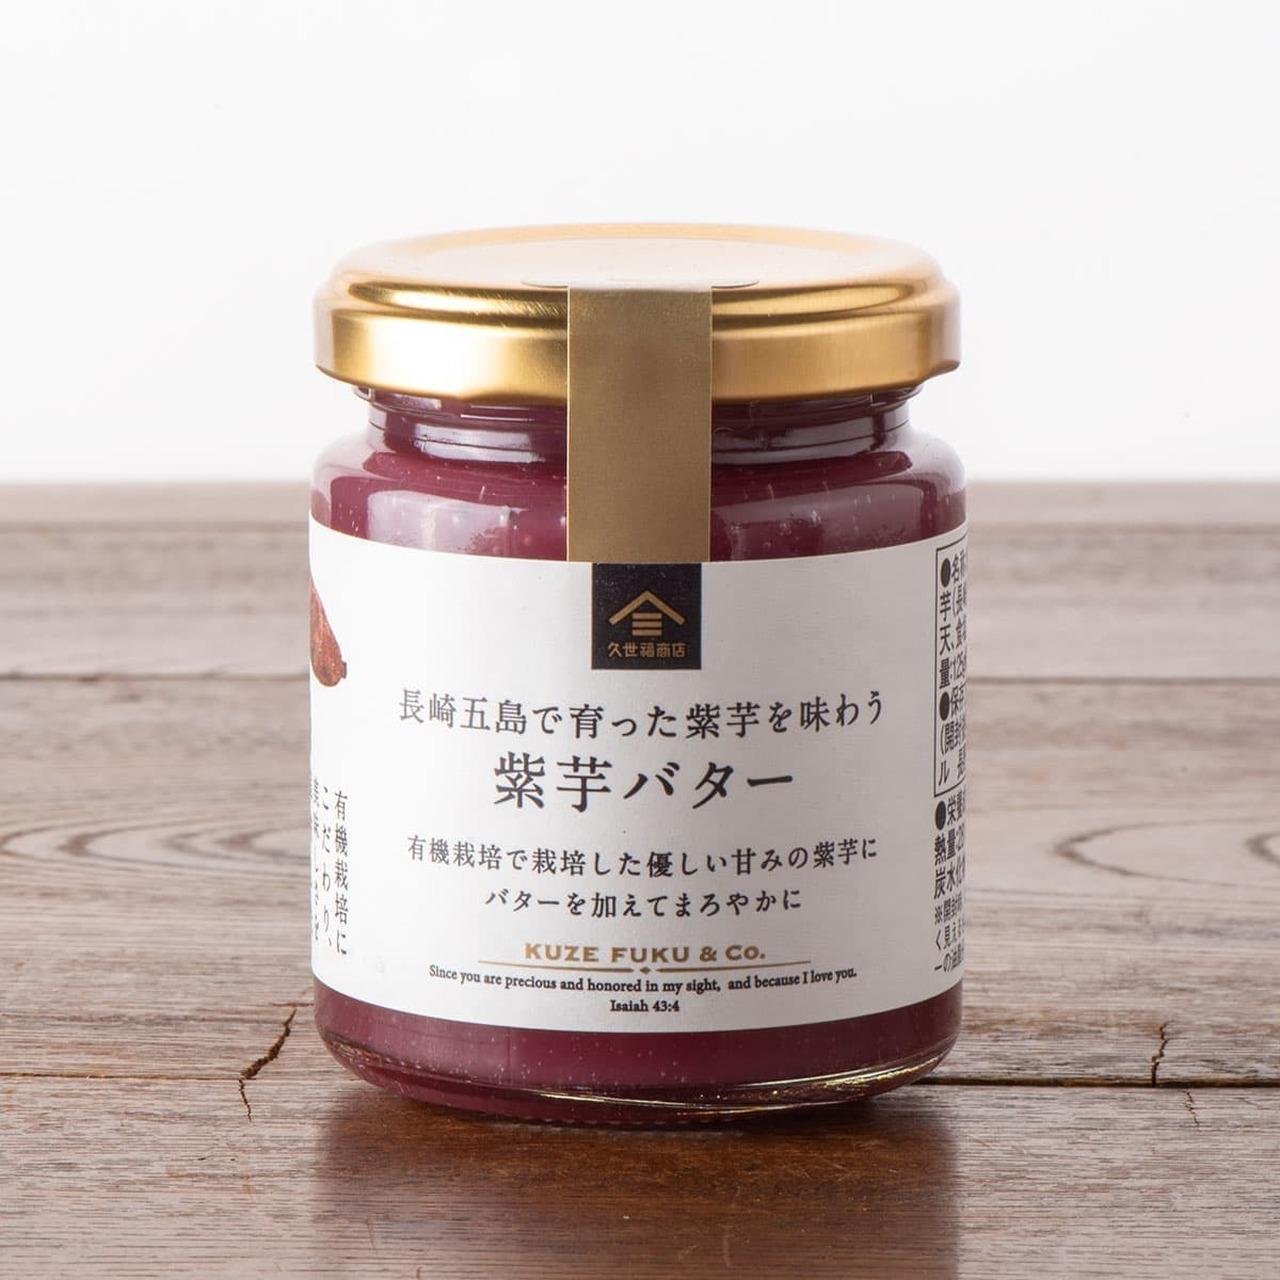 久世福商店「長崎五島で育った紫芋を味わう 紫芋バター」